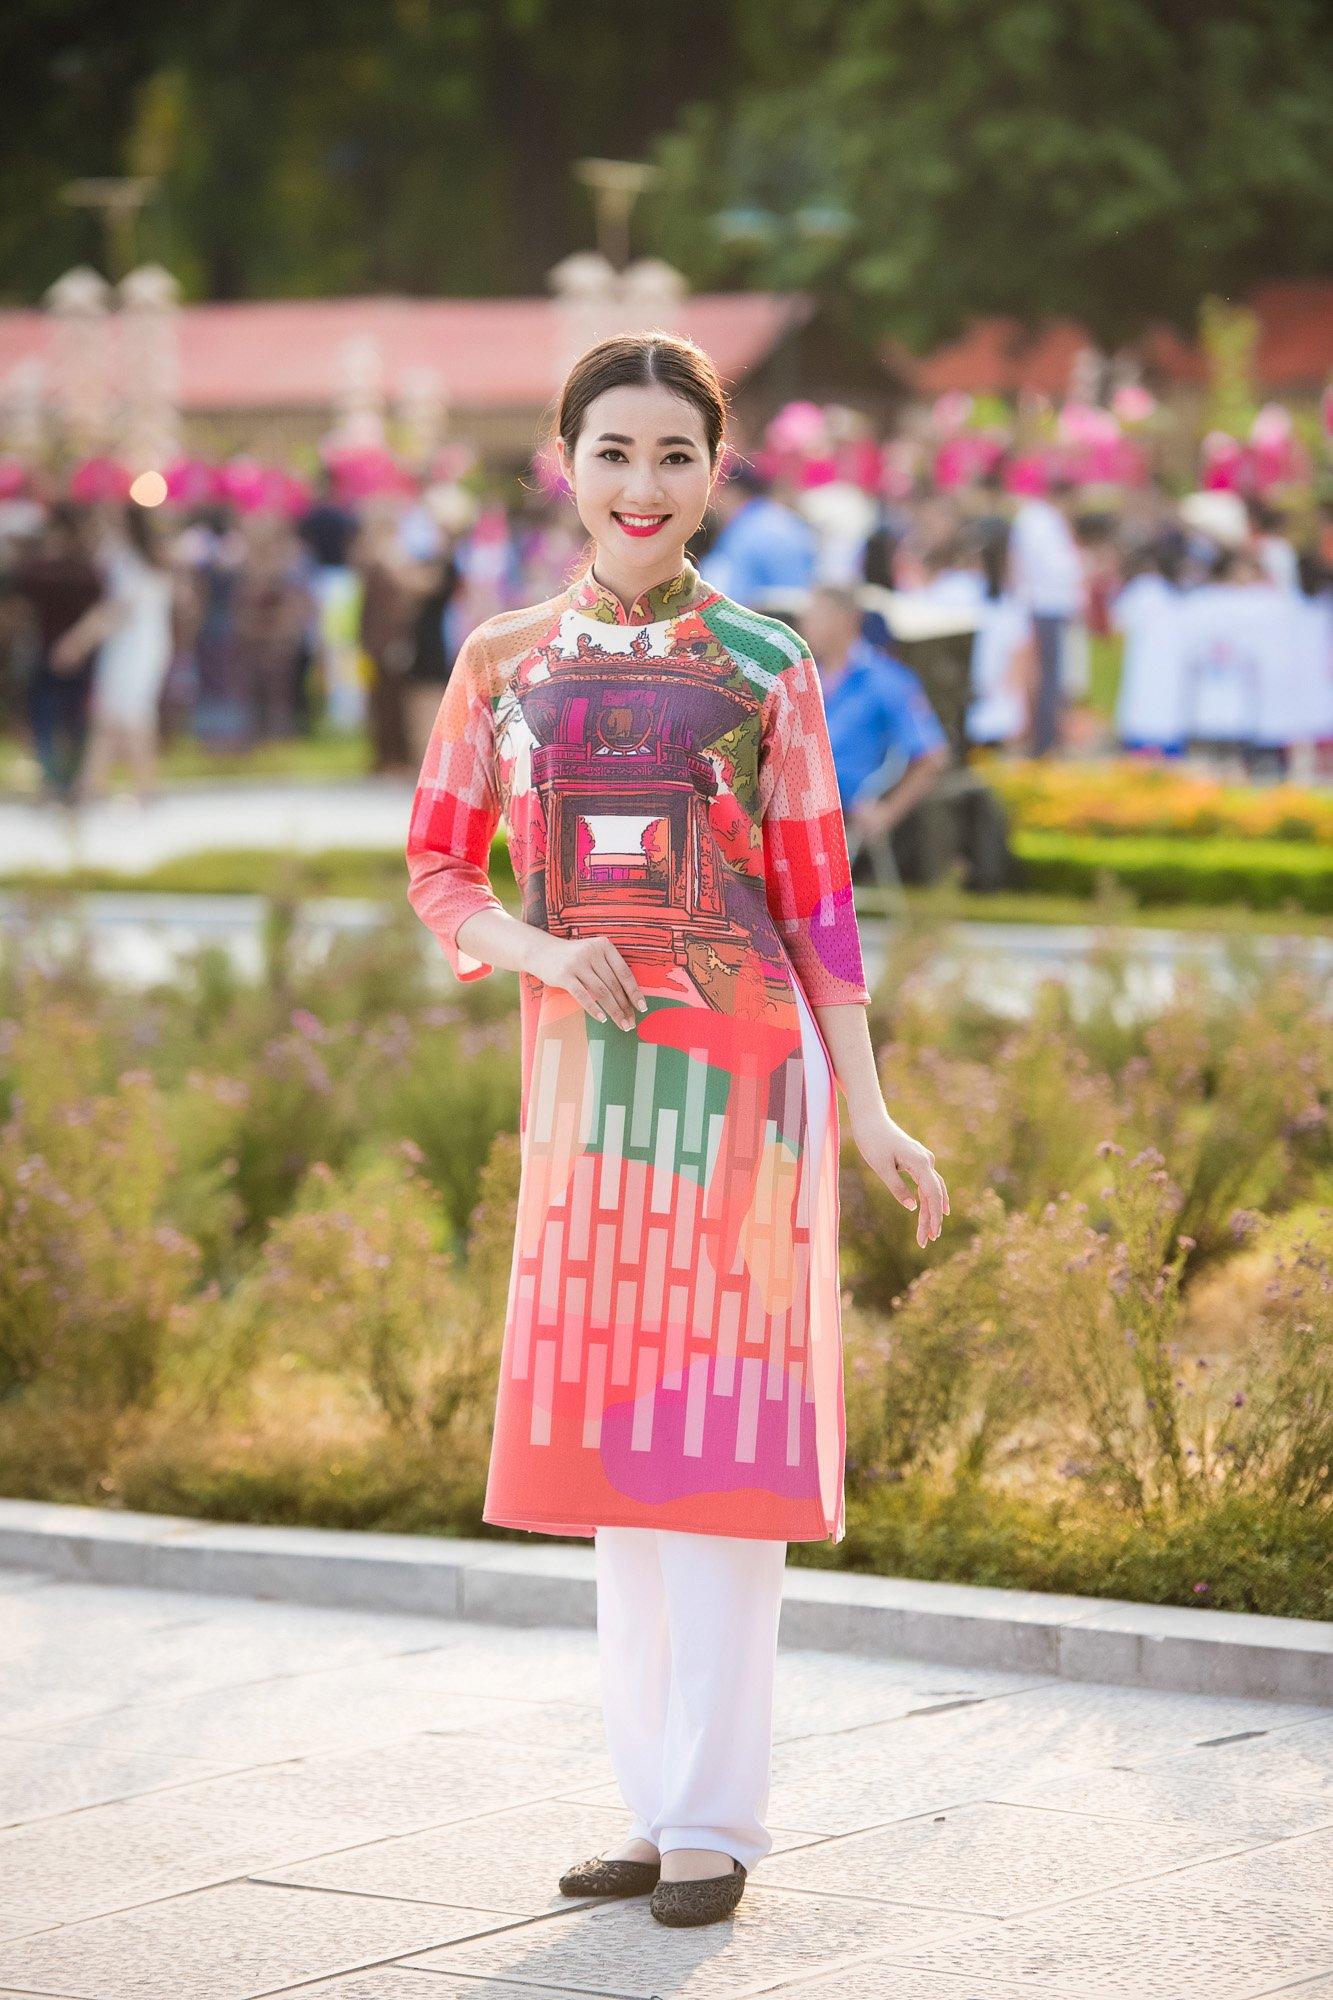 Festival áo dài ngày cuối - Người đẹp mặc áo dài đi diễu hành qua phố 3